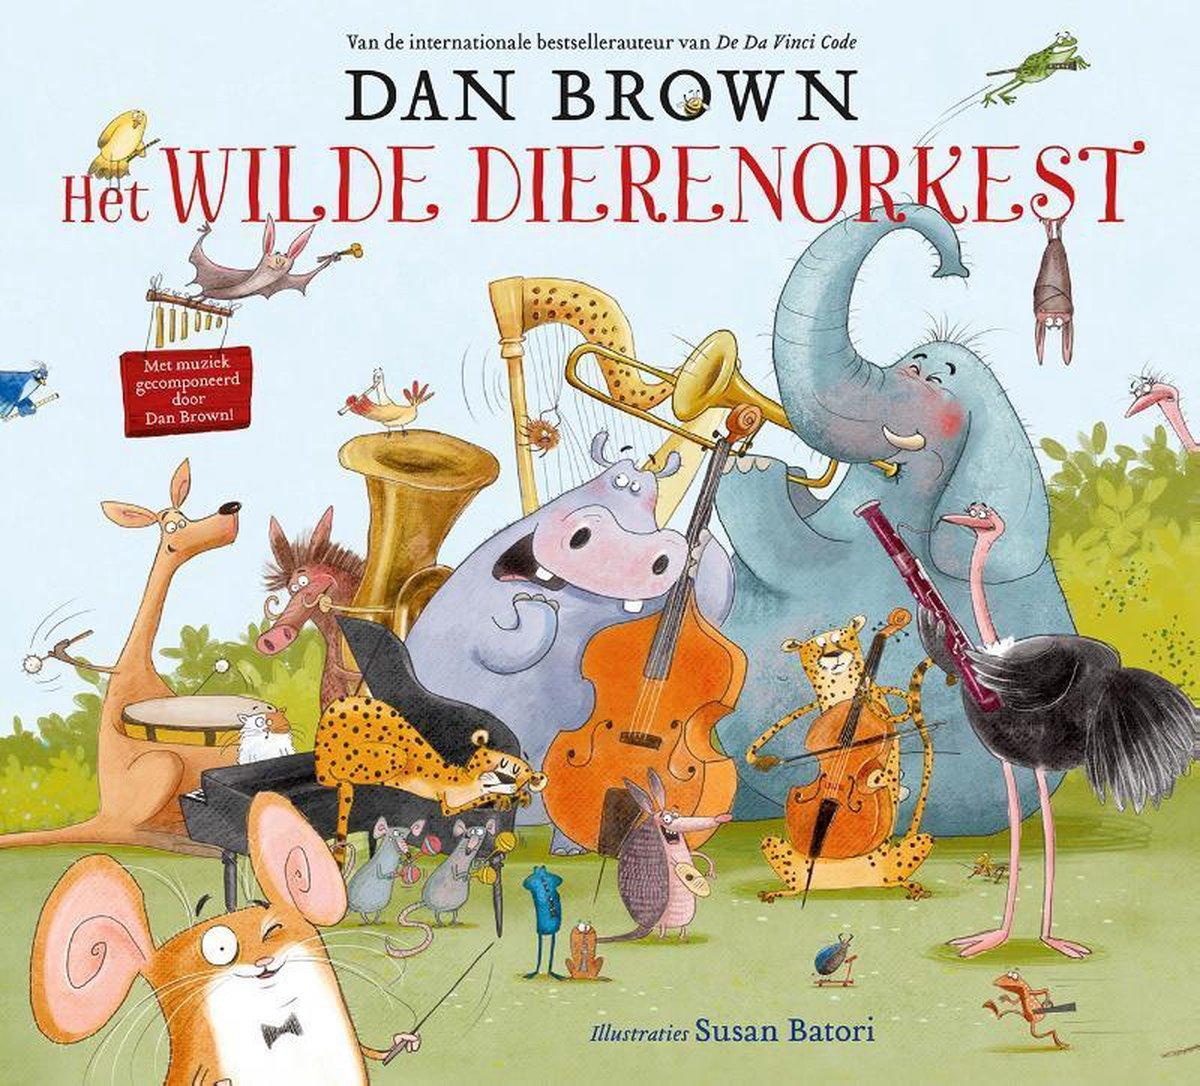 cover van het prentenboek 'Het wilde dierenorkest', nieuw prentenboek van Dan Brown